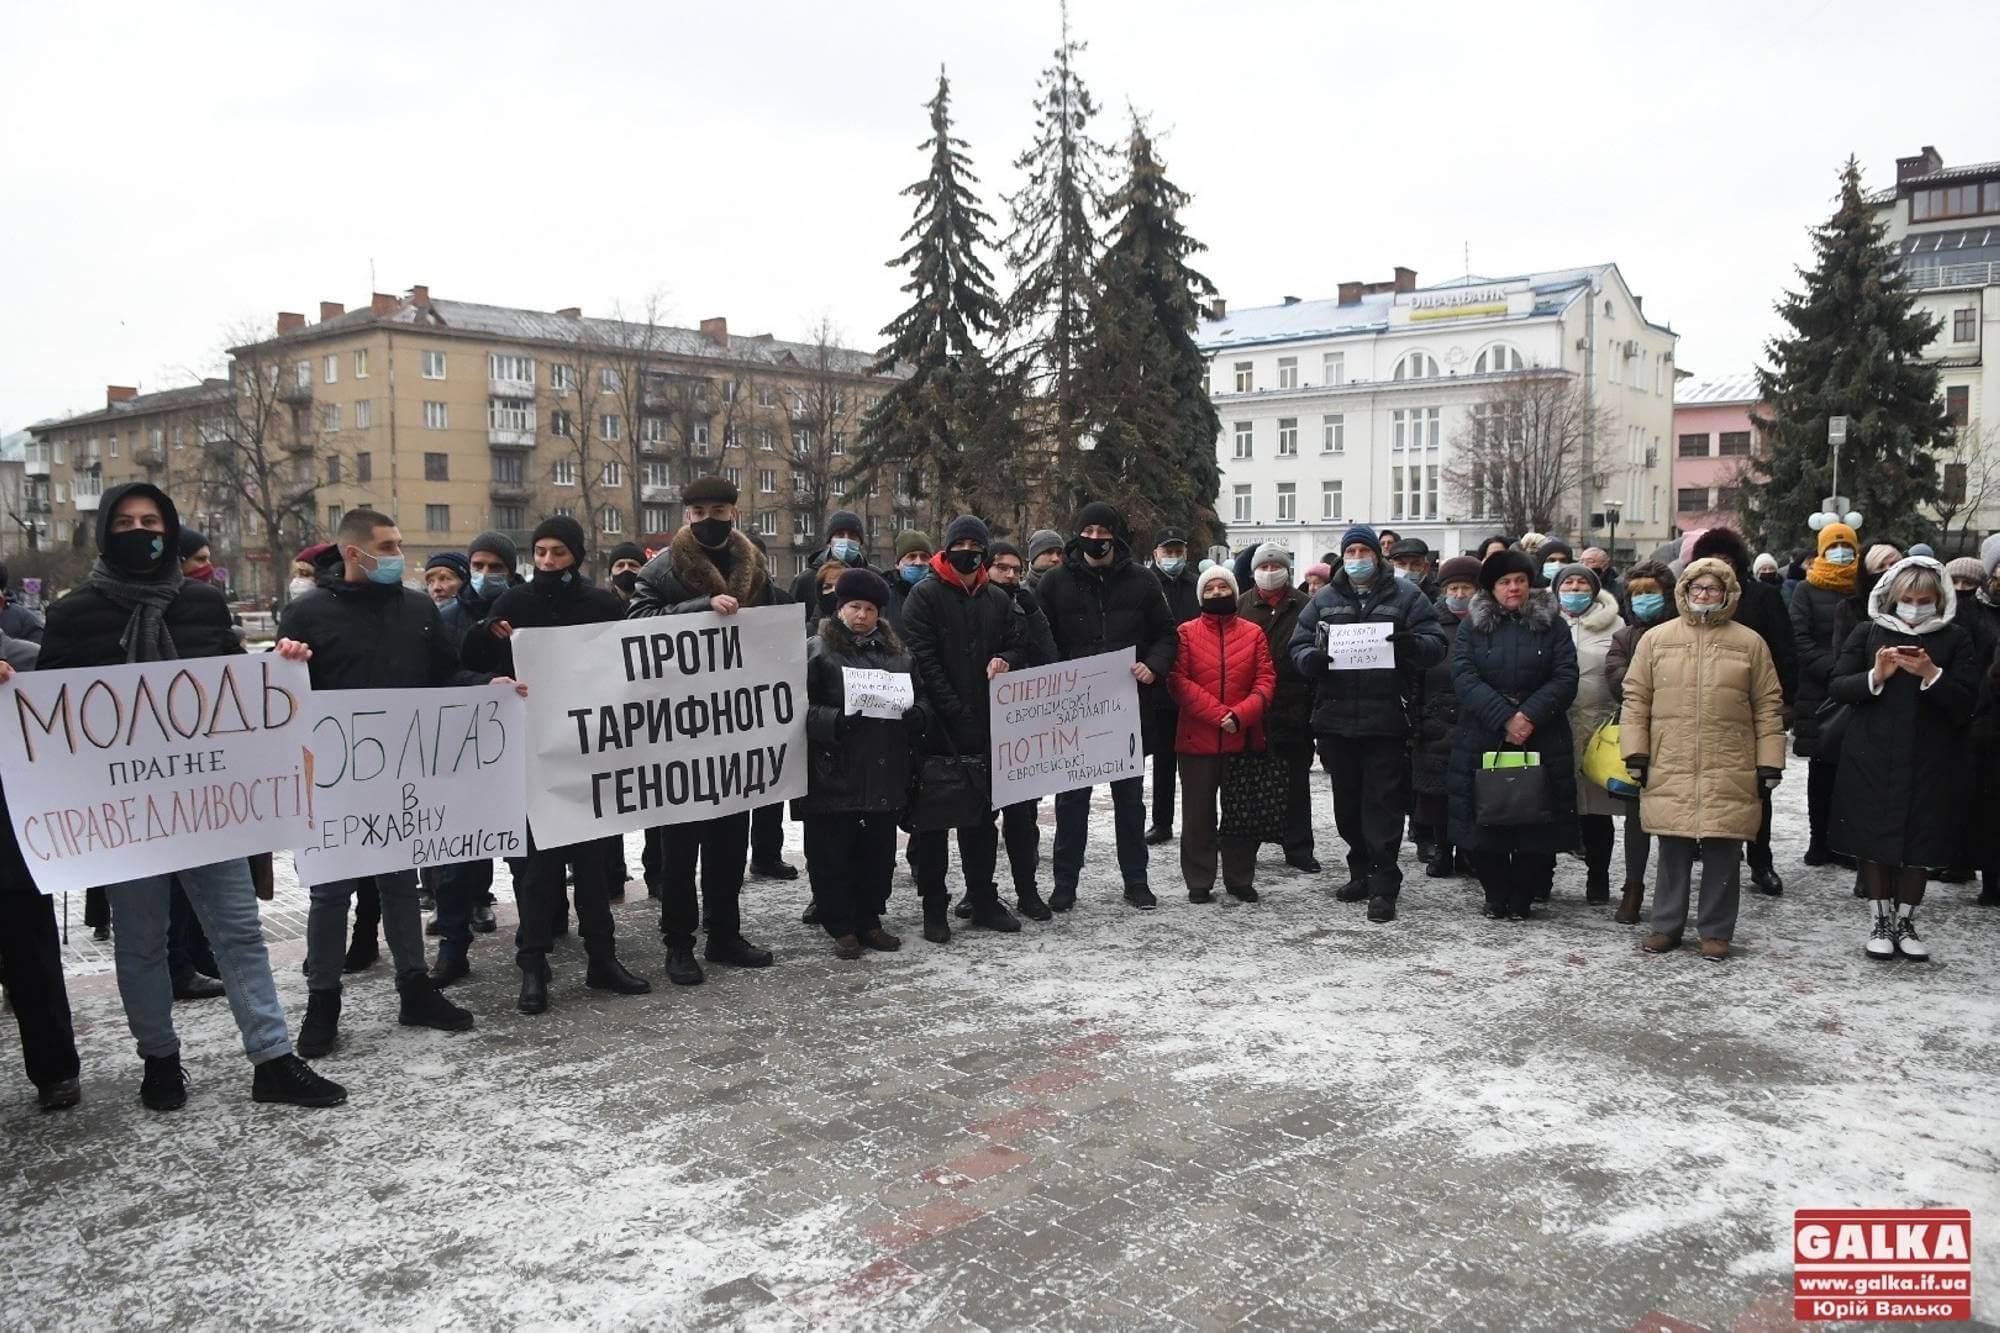 Облгази та обленерго – у державну власність: мерія вивела людей на протести проти тарифів (ФОТО)